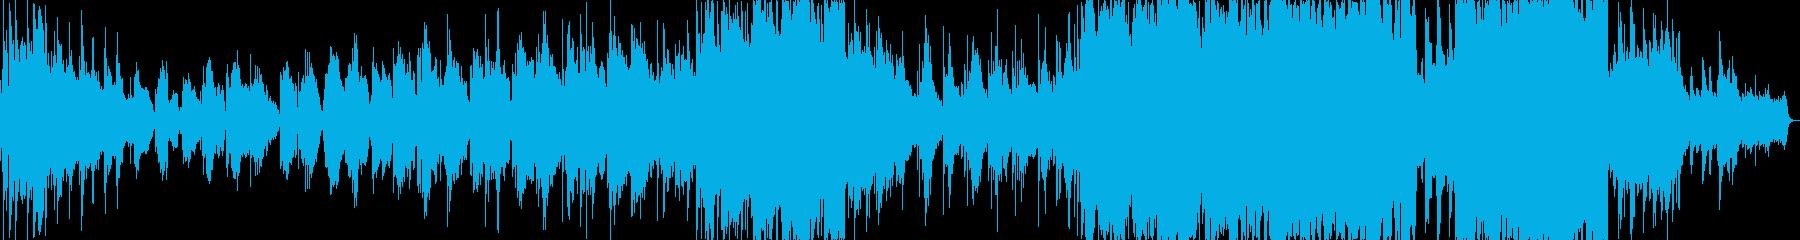 悲しい雰囲気のK-POP風バラードの再生済みの波形